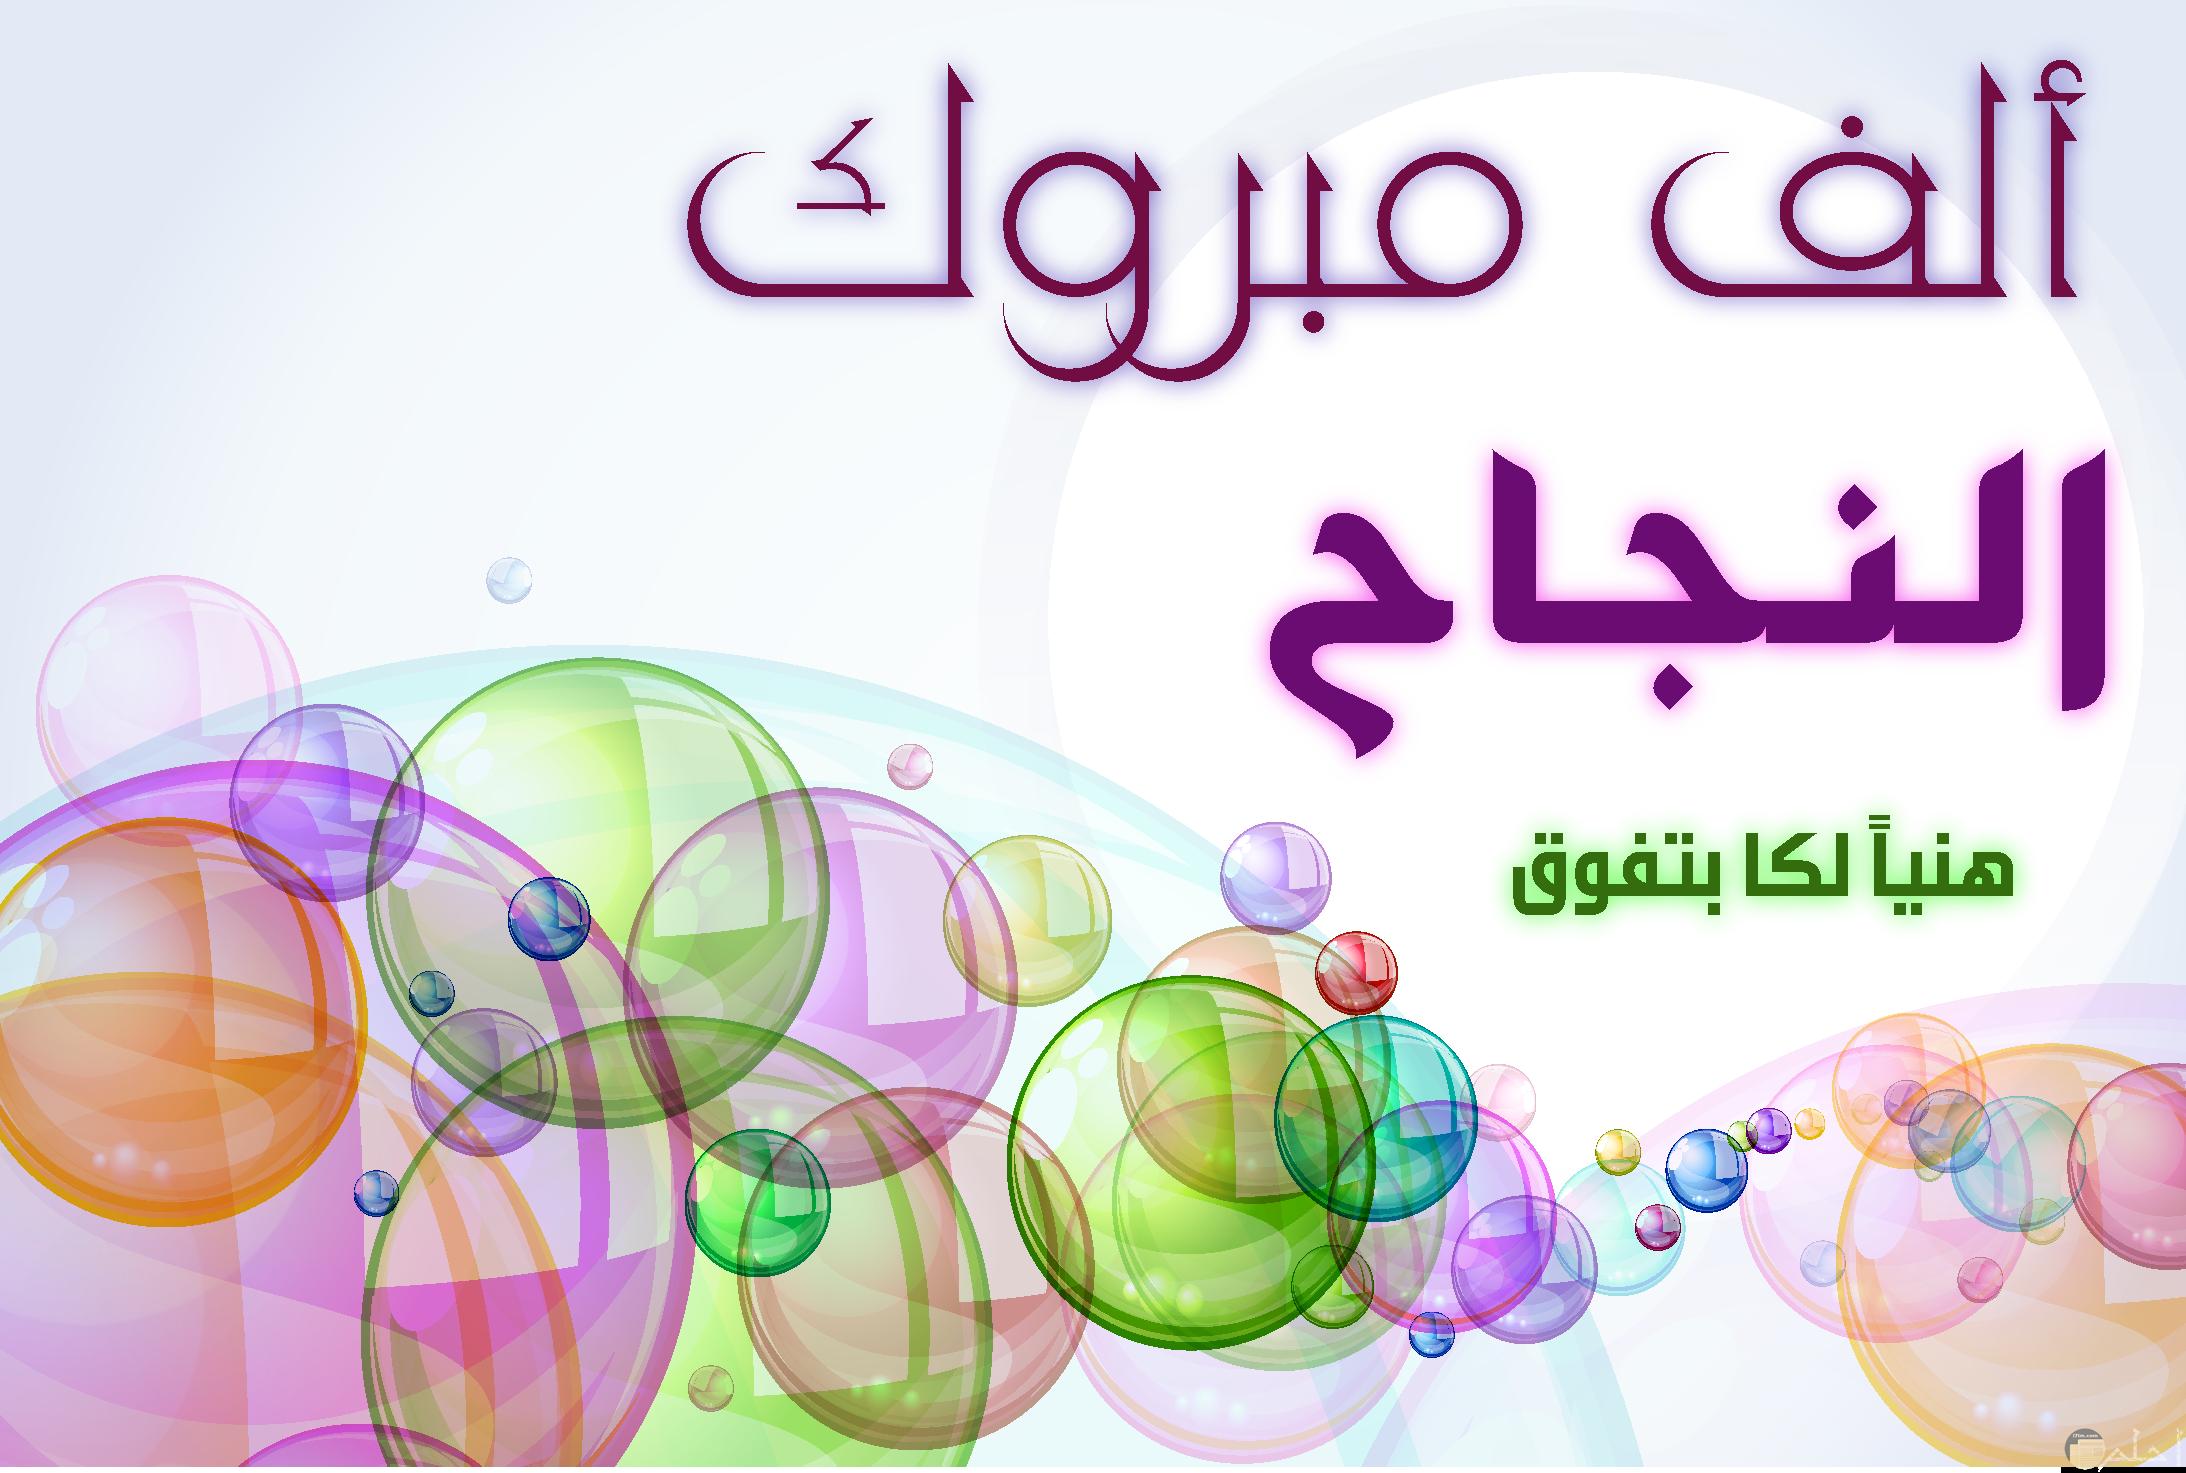 صورة ألف مبروك النجاح والتفوق للتهنئة بمناسبة النجاح